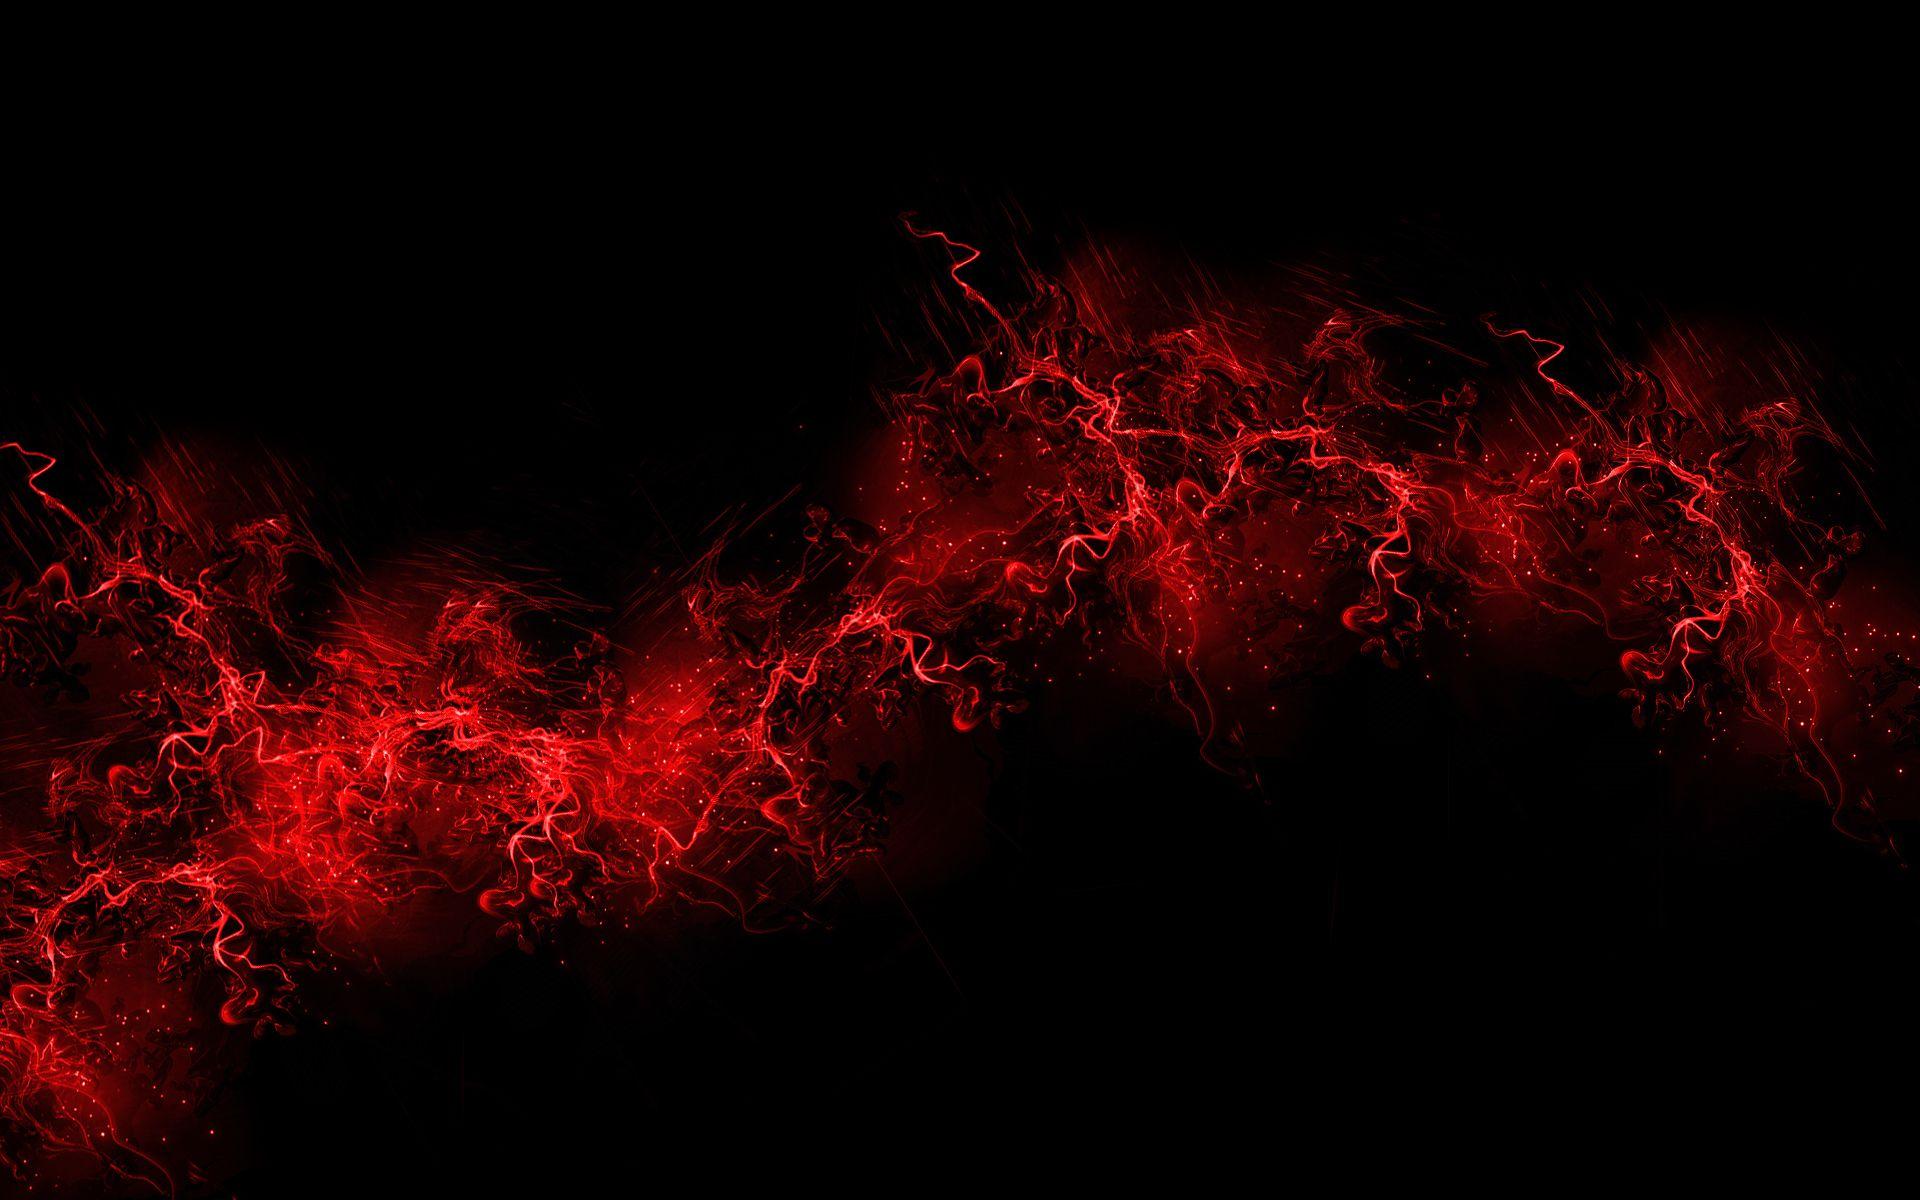 Hình nền đỏ đen